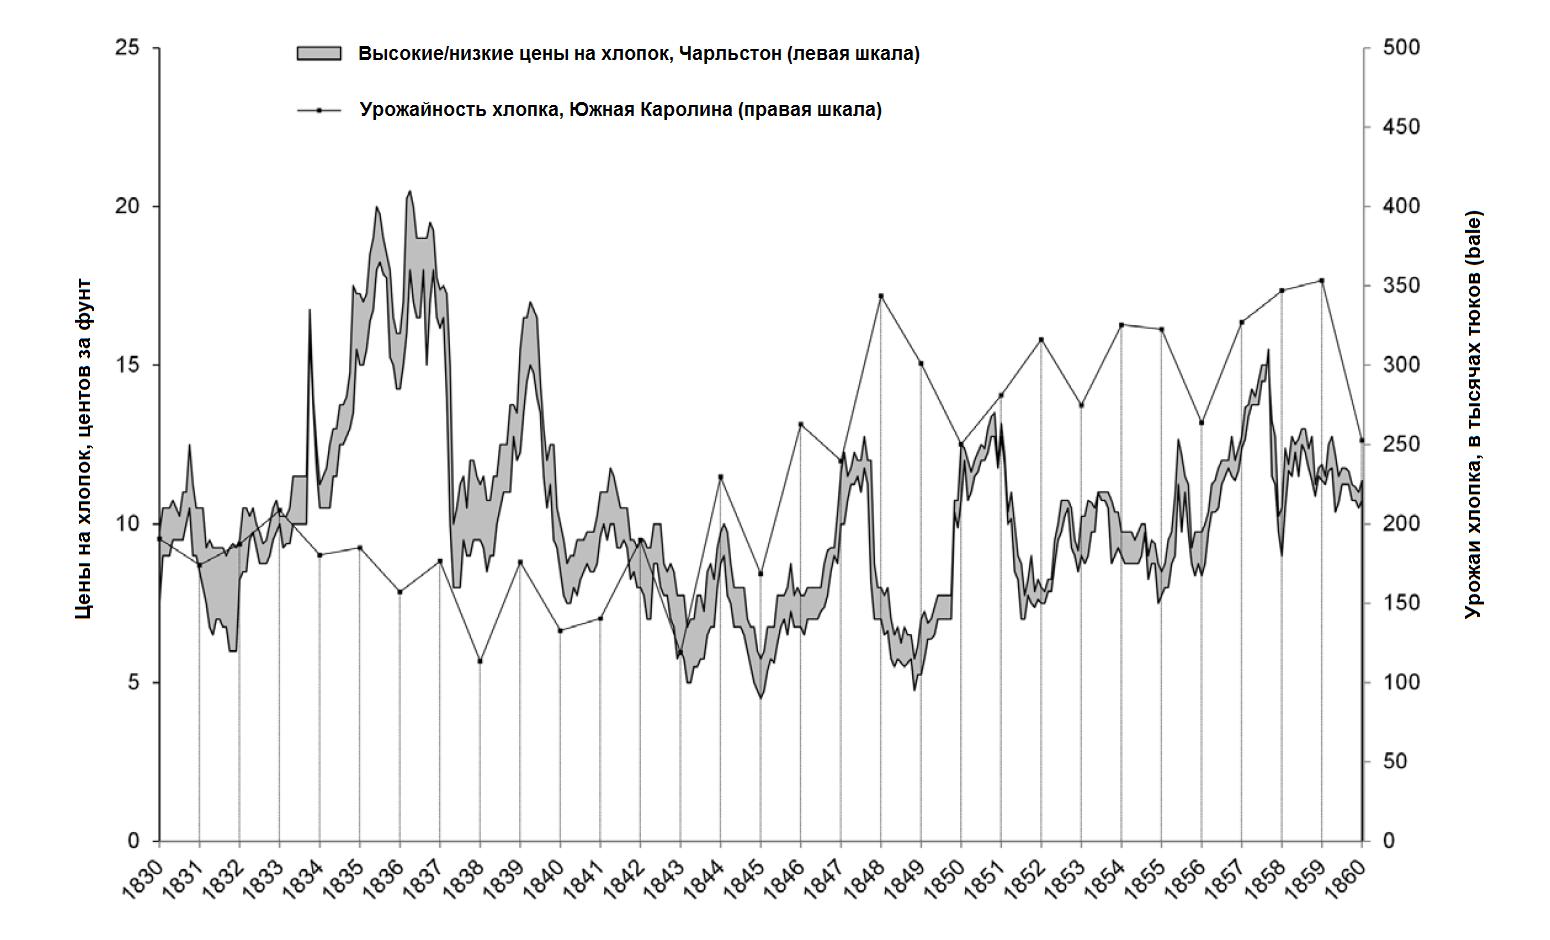 График 5. Цены и урожаи хлопка, Южная Каролина, 1830-60 гг. Источники: урожаи хлопка взяты у Уоткинса (Watkins 1908: 71-85), цены — у Смита (Smith 1958); цены дефлированы по индексу цен Южной Атлантики (Margo 2000).